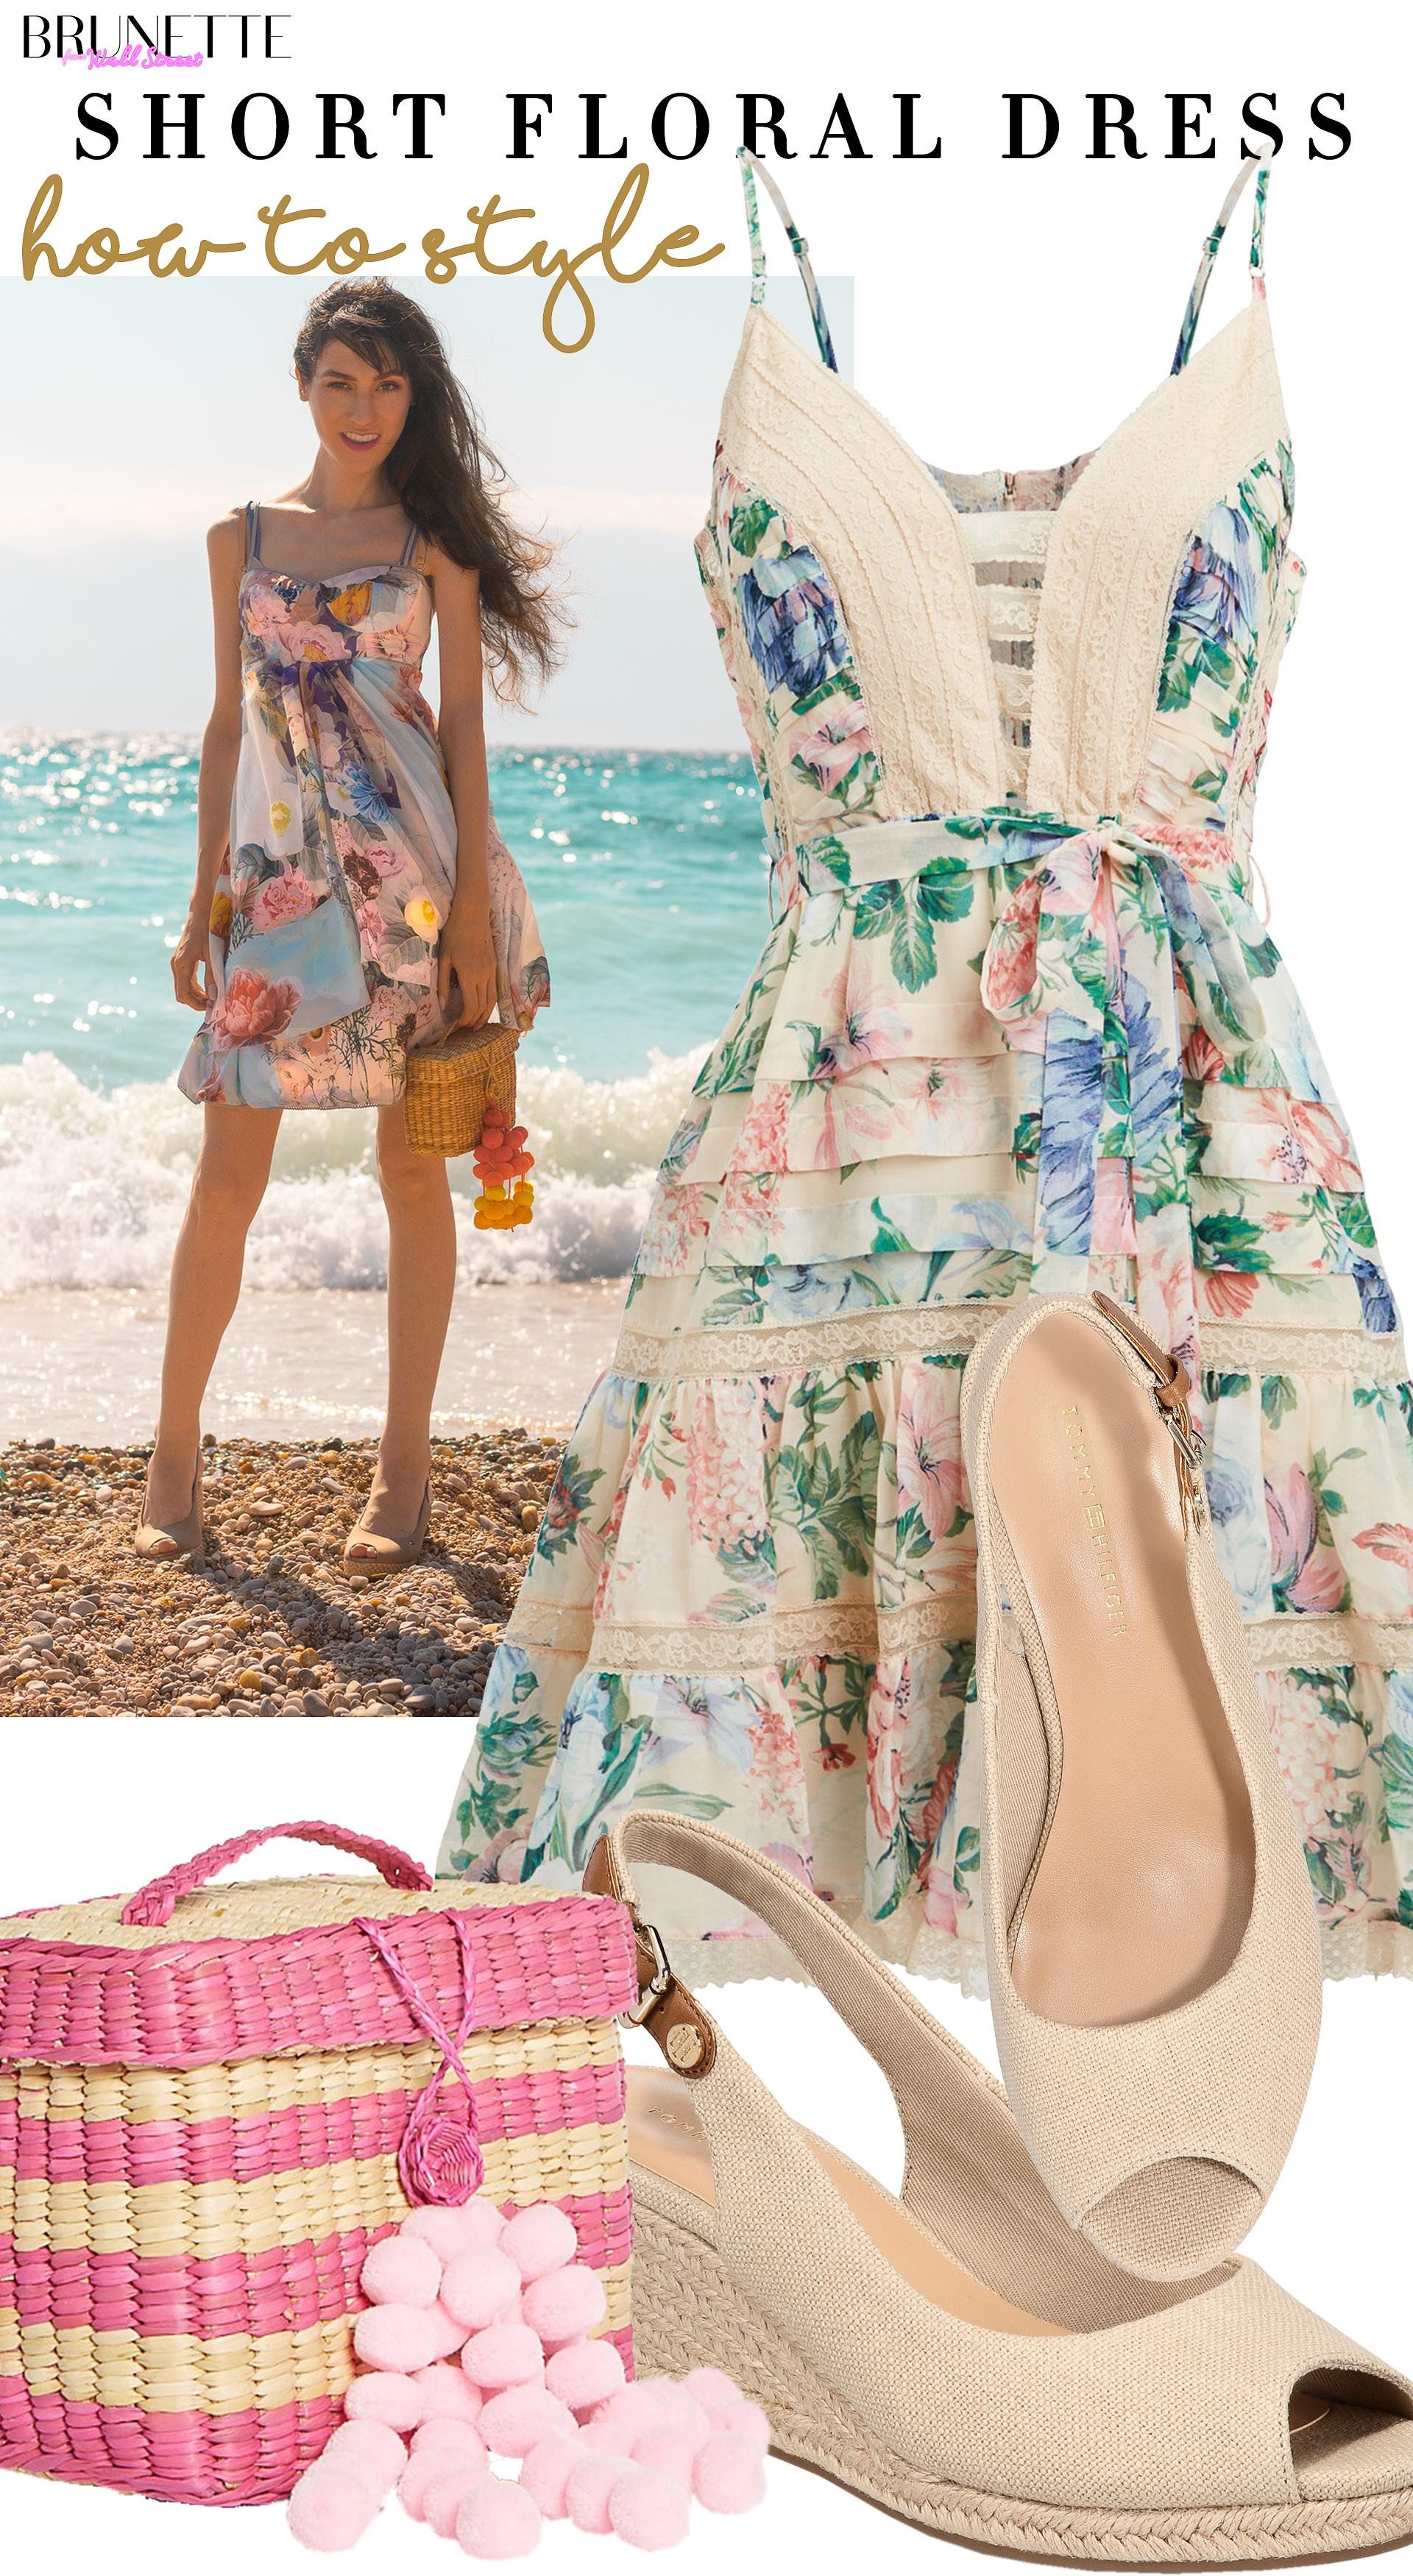 Beautiful Beach Wedding Guest Dress Brunette From Wall Street